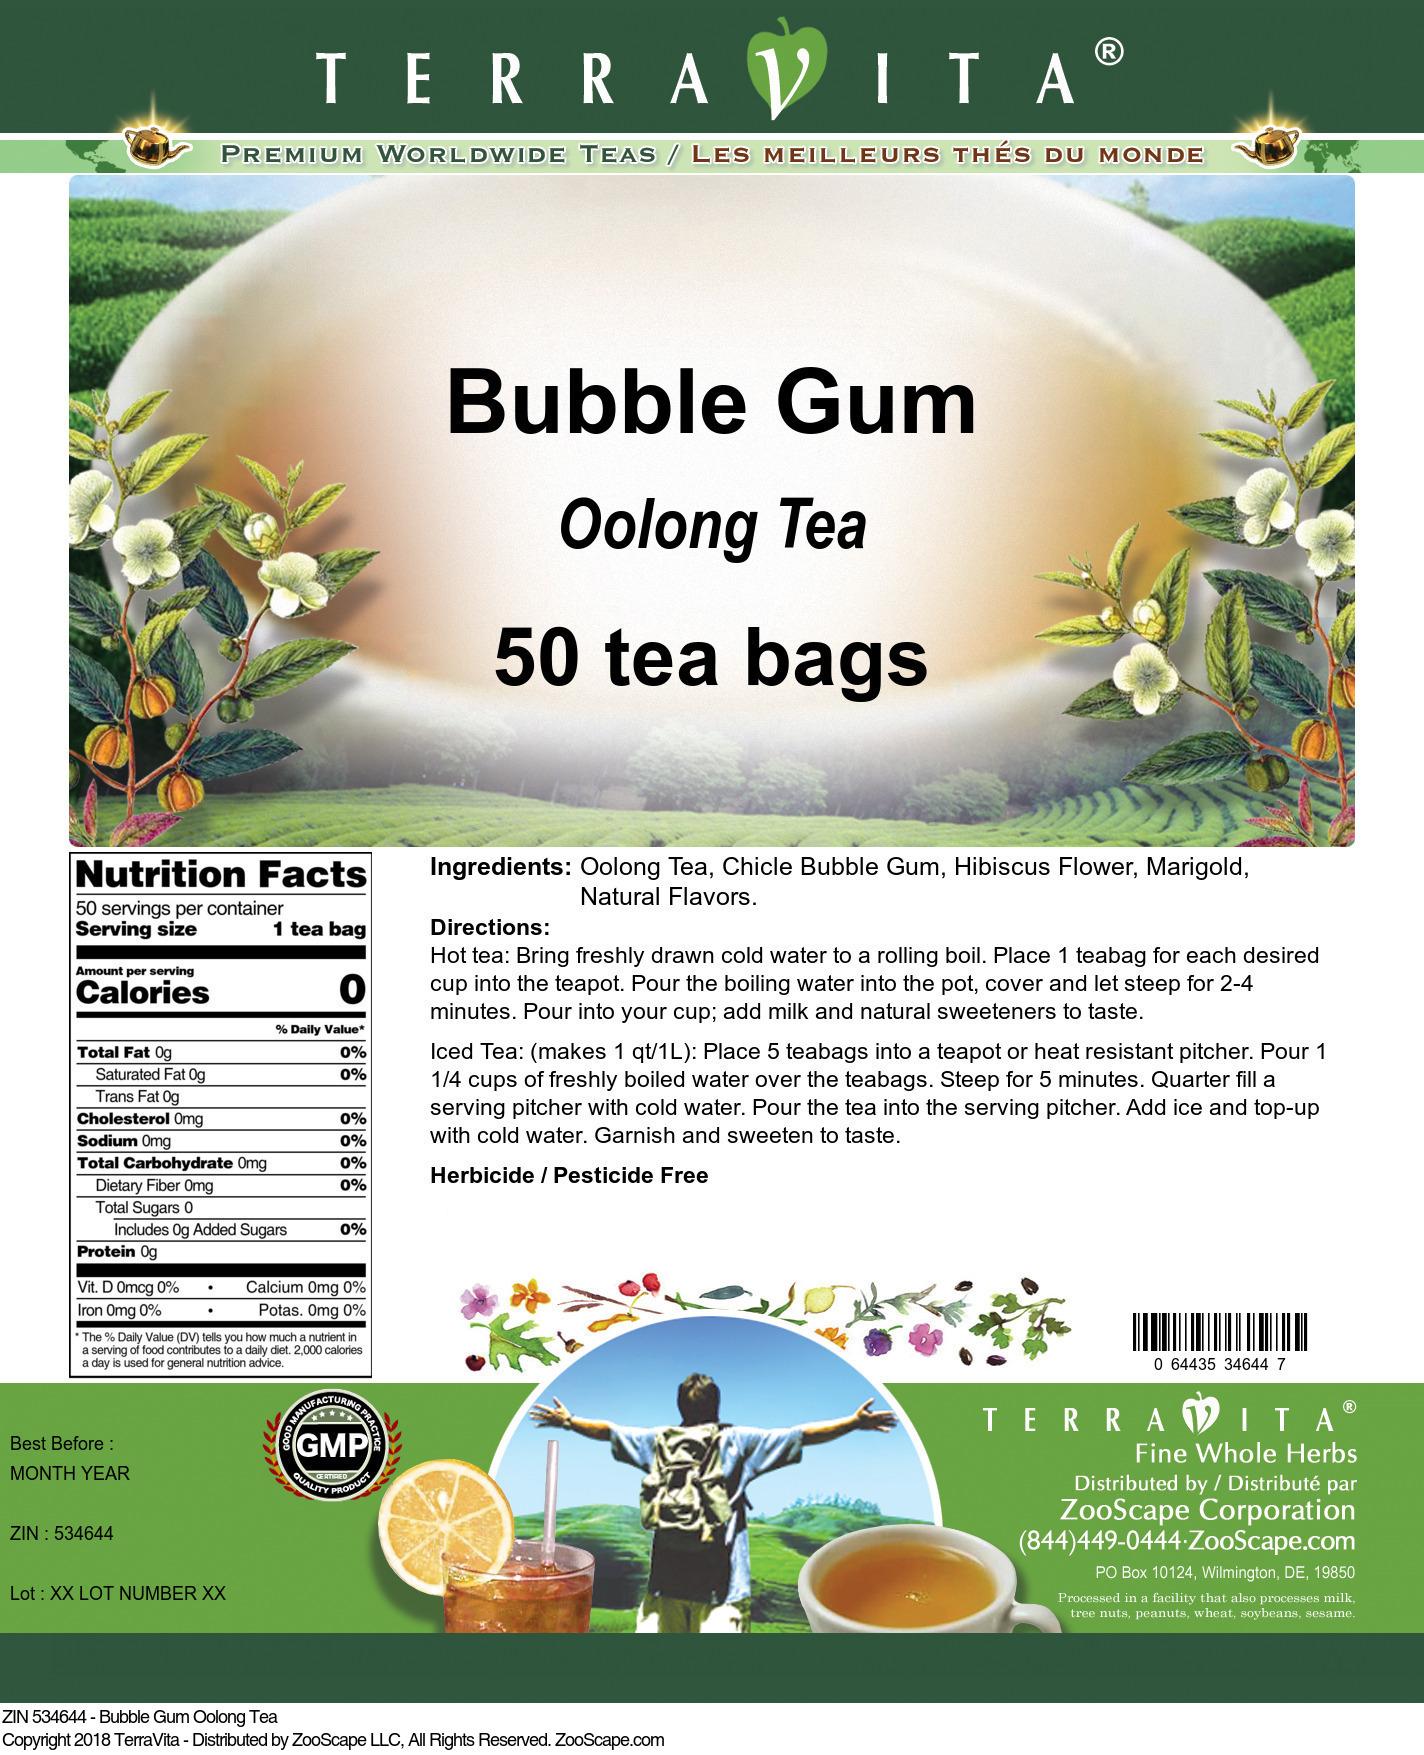 Bubble Gum Oolong Tea